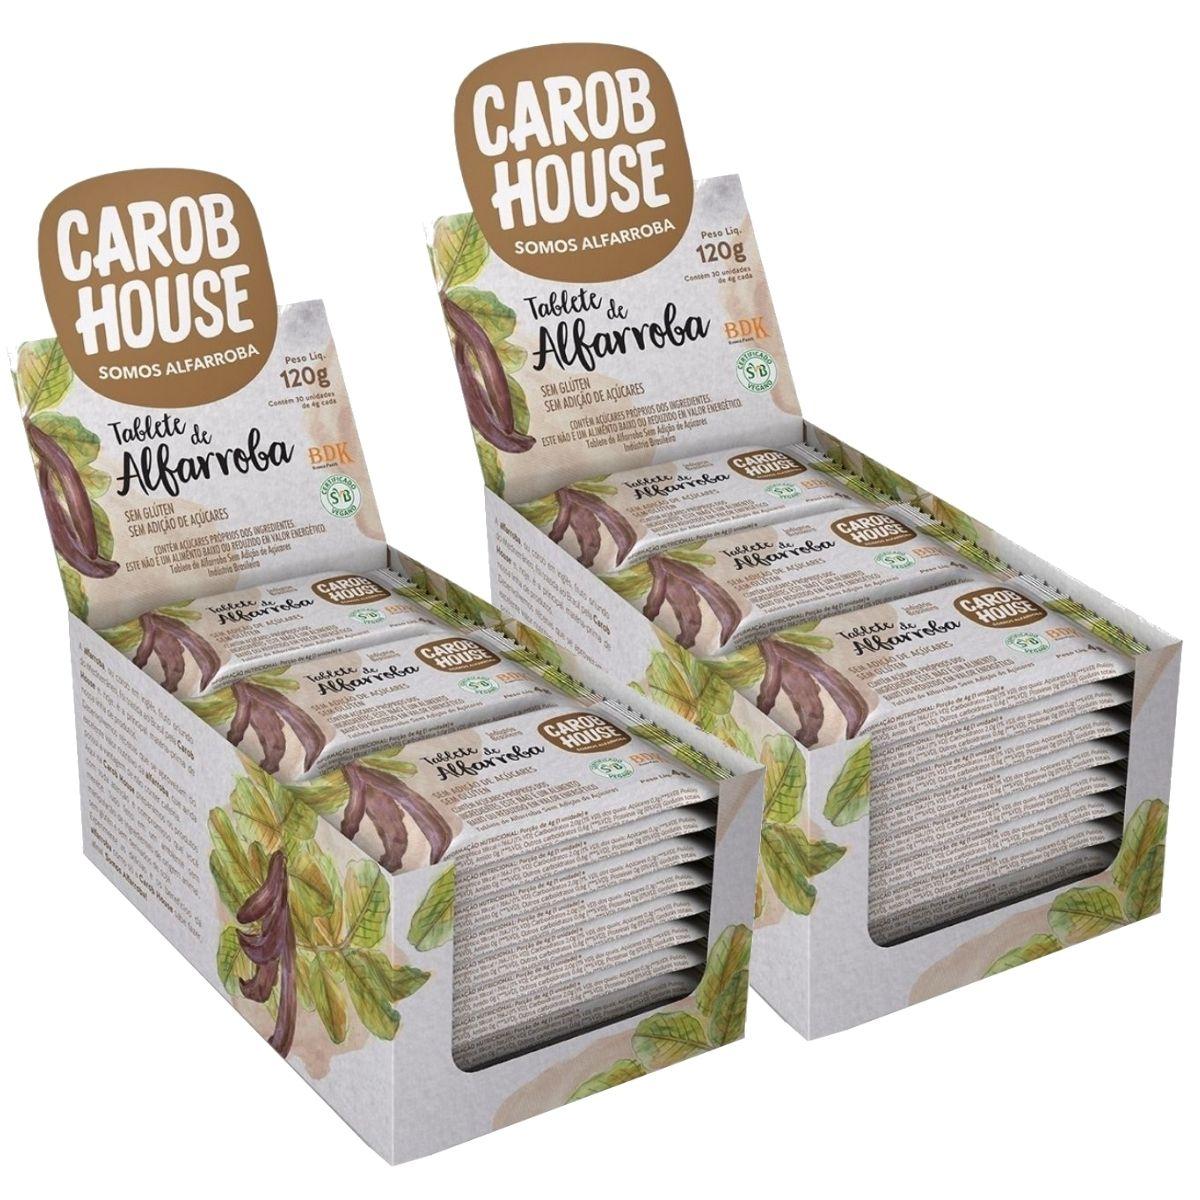 Kit 2 Alfarroba Em Tablete 4g Caixa C/ 30 Barras - Carob House